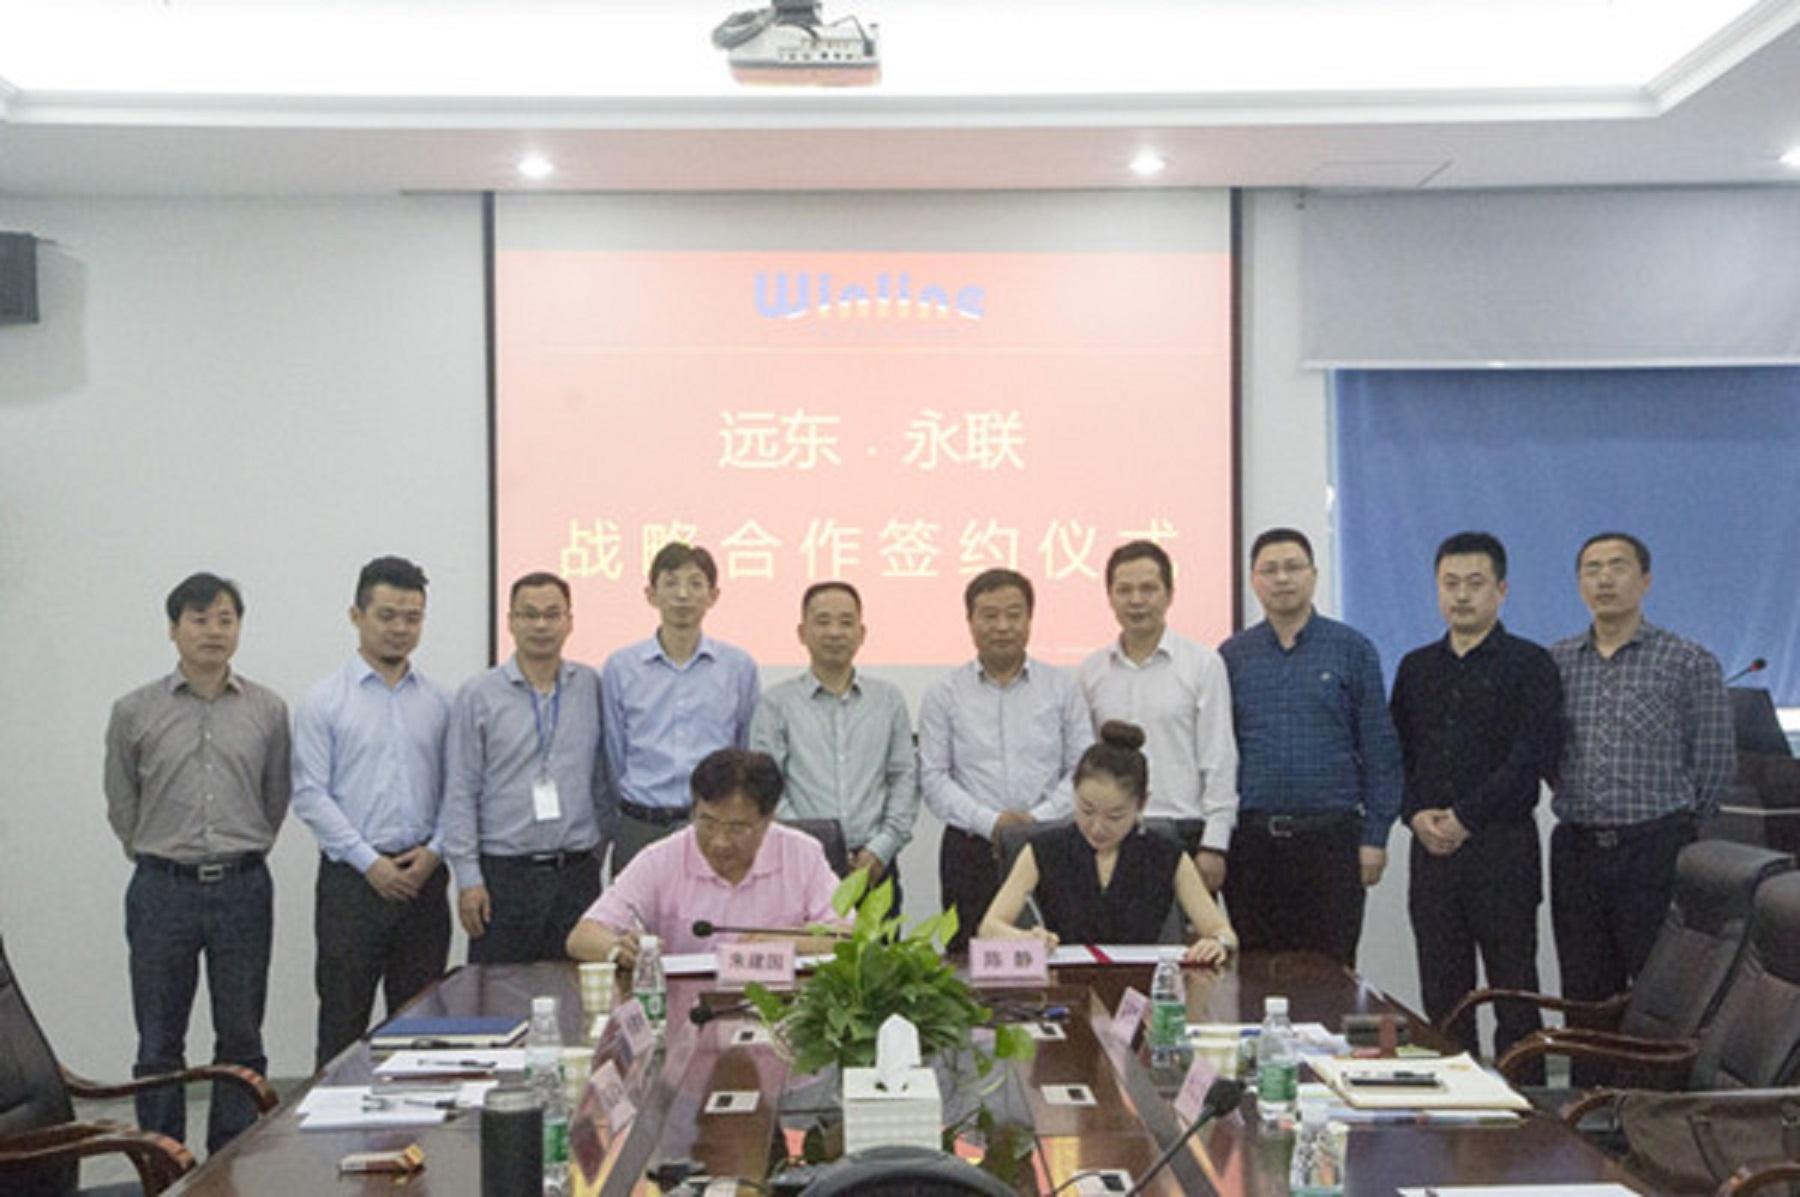 远东智慧能源:走进深圳永联 探讨共赢发展新模式